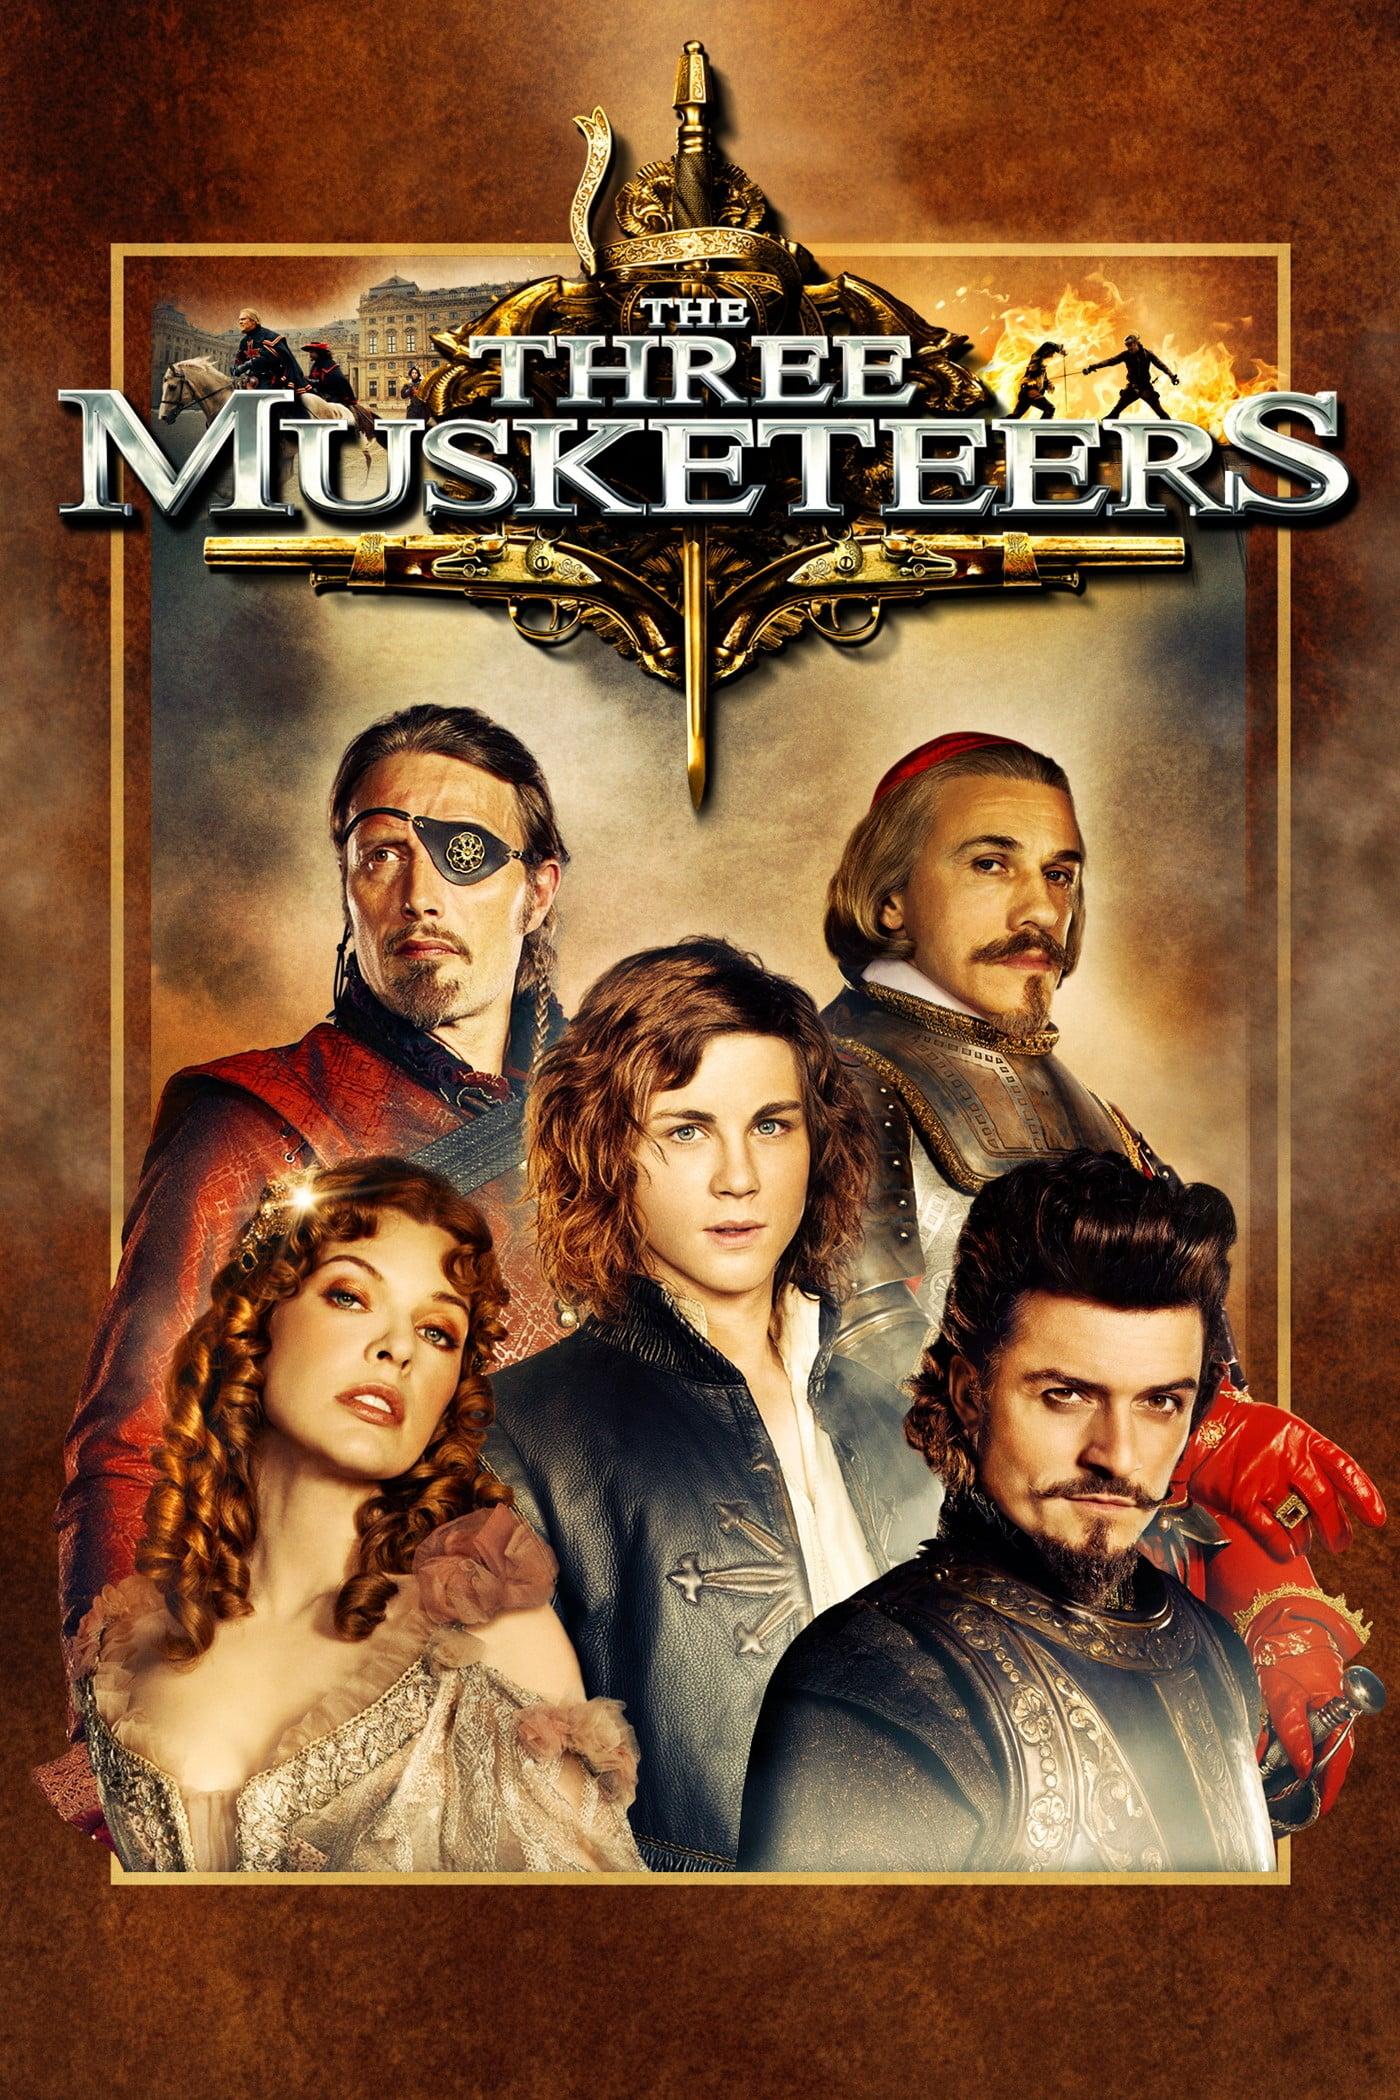 სამი მუშკეტერი / The Three Musketers